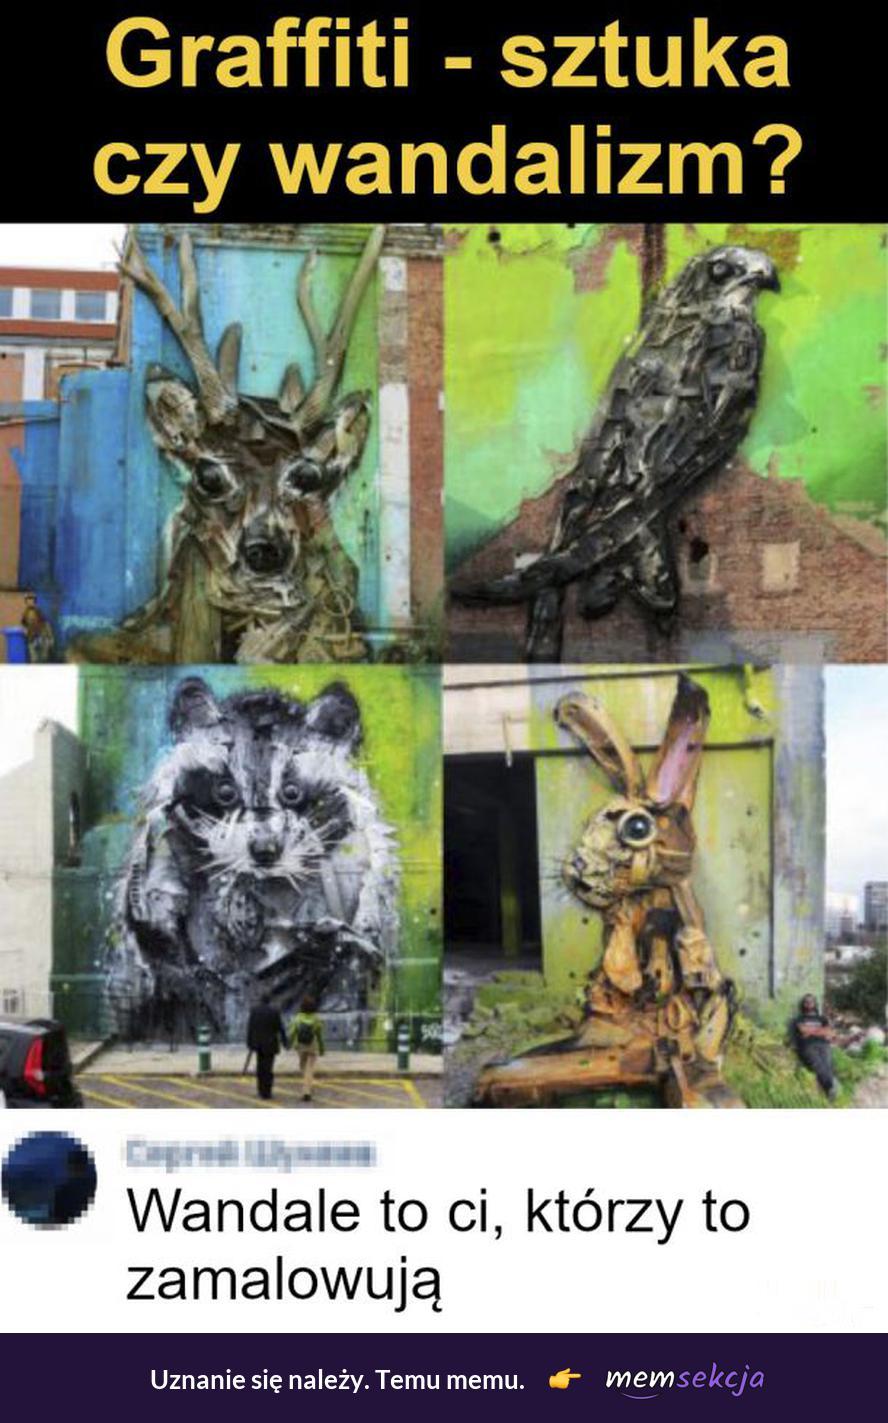 Graffiti - sztuka czy wandalizm?. Memy. Graffitti